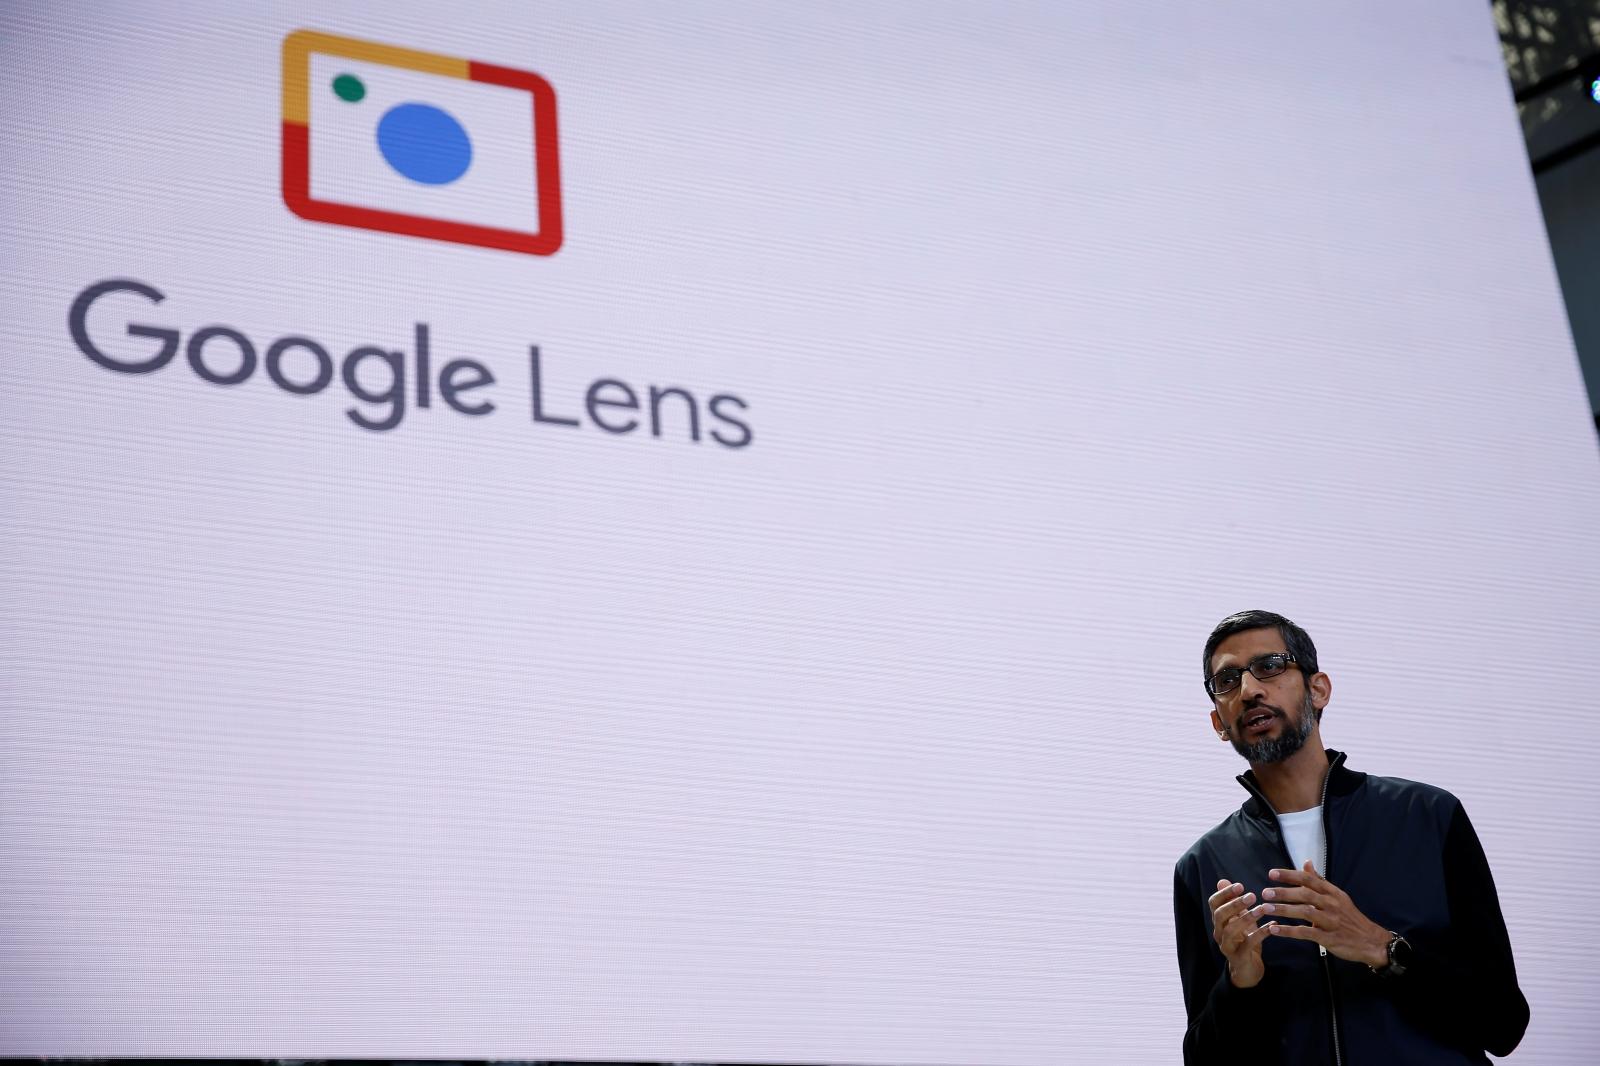 Google Lens at Google I/O